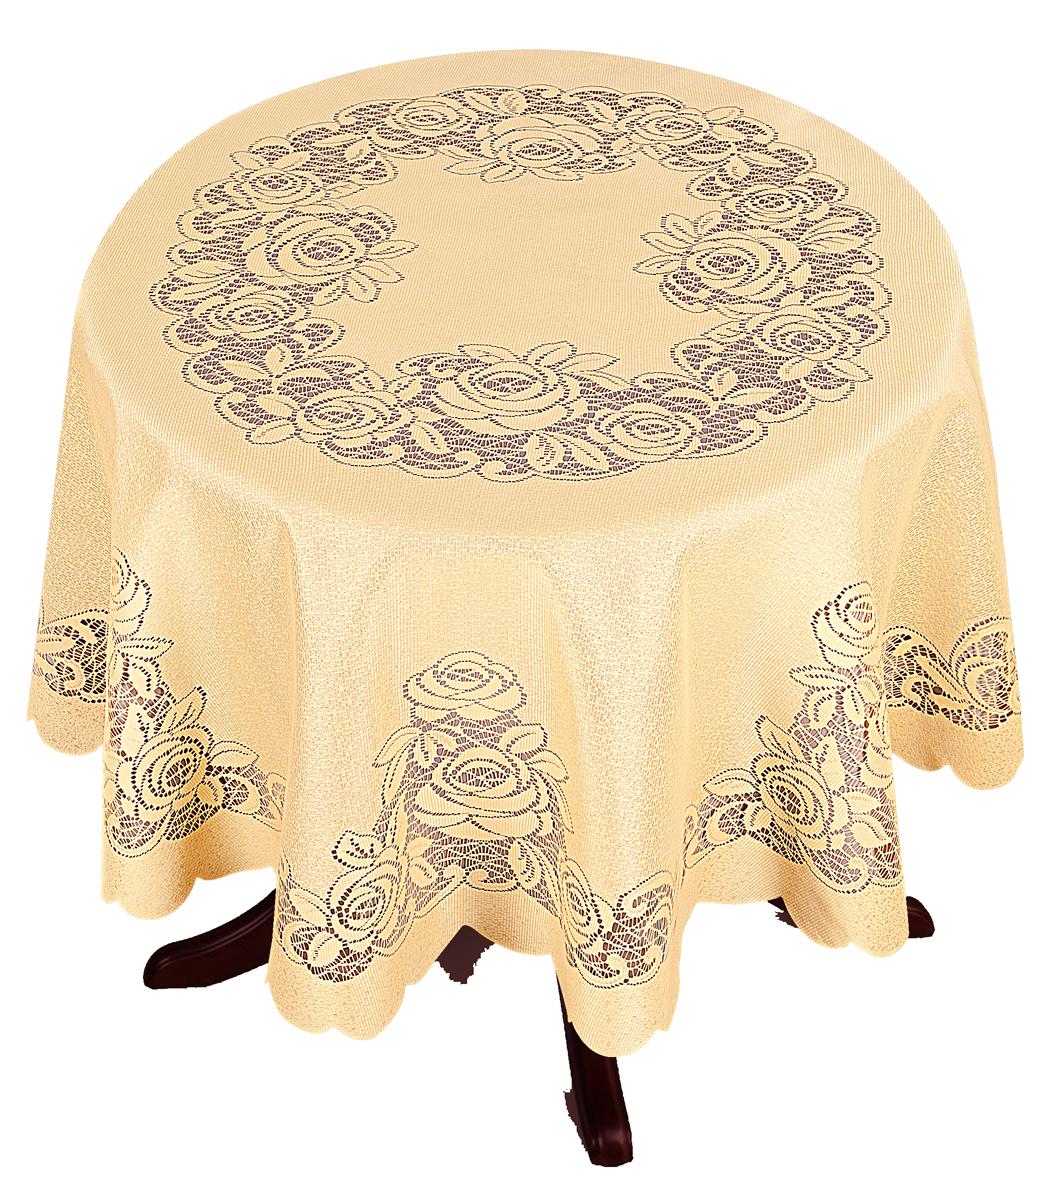 Скатерть Zlata Korunka, круглая, цвет: золотистый, диаметр 175 см36051_бордовый, желтый, зеленыйВеликолепная скатерть Zlata Korunka, выполненная изполиэстера, органично впишется винтерьер любого помещения, а оригинальный дизайнудовлетворит даже самый изысканный вкус. Она создастпраздничное настроение и станет прекрасным дополнениеминтерьера гостиной, кухни или столовой.